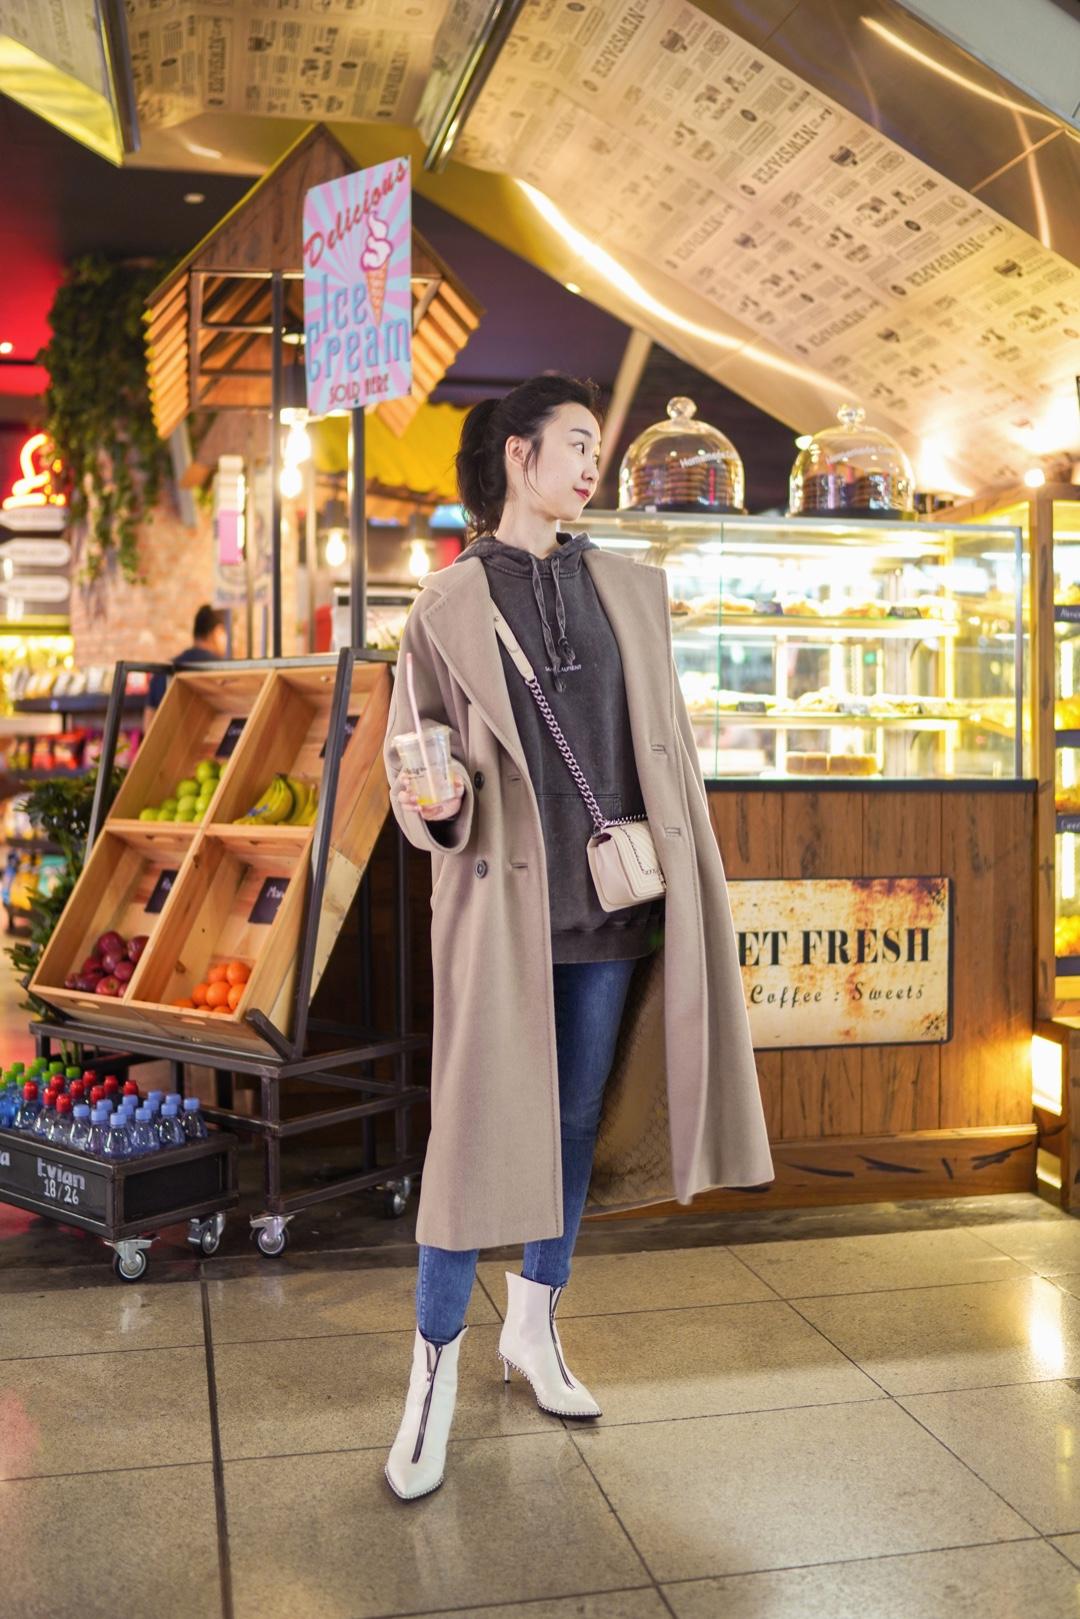 意大利之旅结束了,我们在迪拜转机已经是半夜,所幸迪拜机场所有店铺24小时不打烊,穿着买了很久都没机会穿的情侣Hoodie,在迪拜机场来最后一套情侣装吧。  Coat:MaxMara Hoodie:Saint Laurent Jeans:J Brand Boots:Alexander Wang Bag:Chanel Lipstick:Tomford Night Mauve #今天穿成男友镜头里的完美女友#